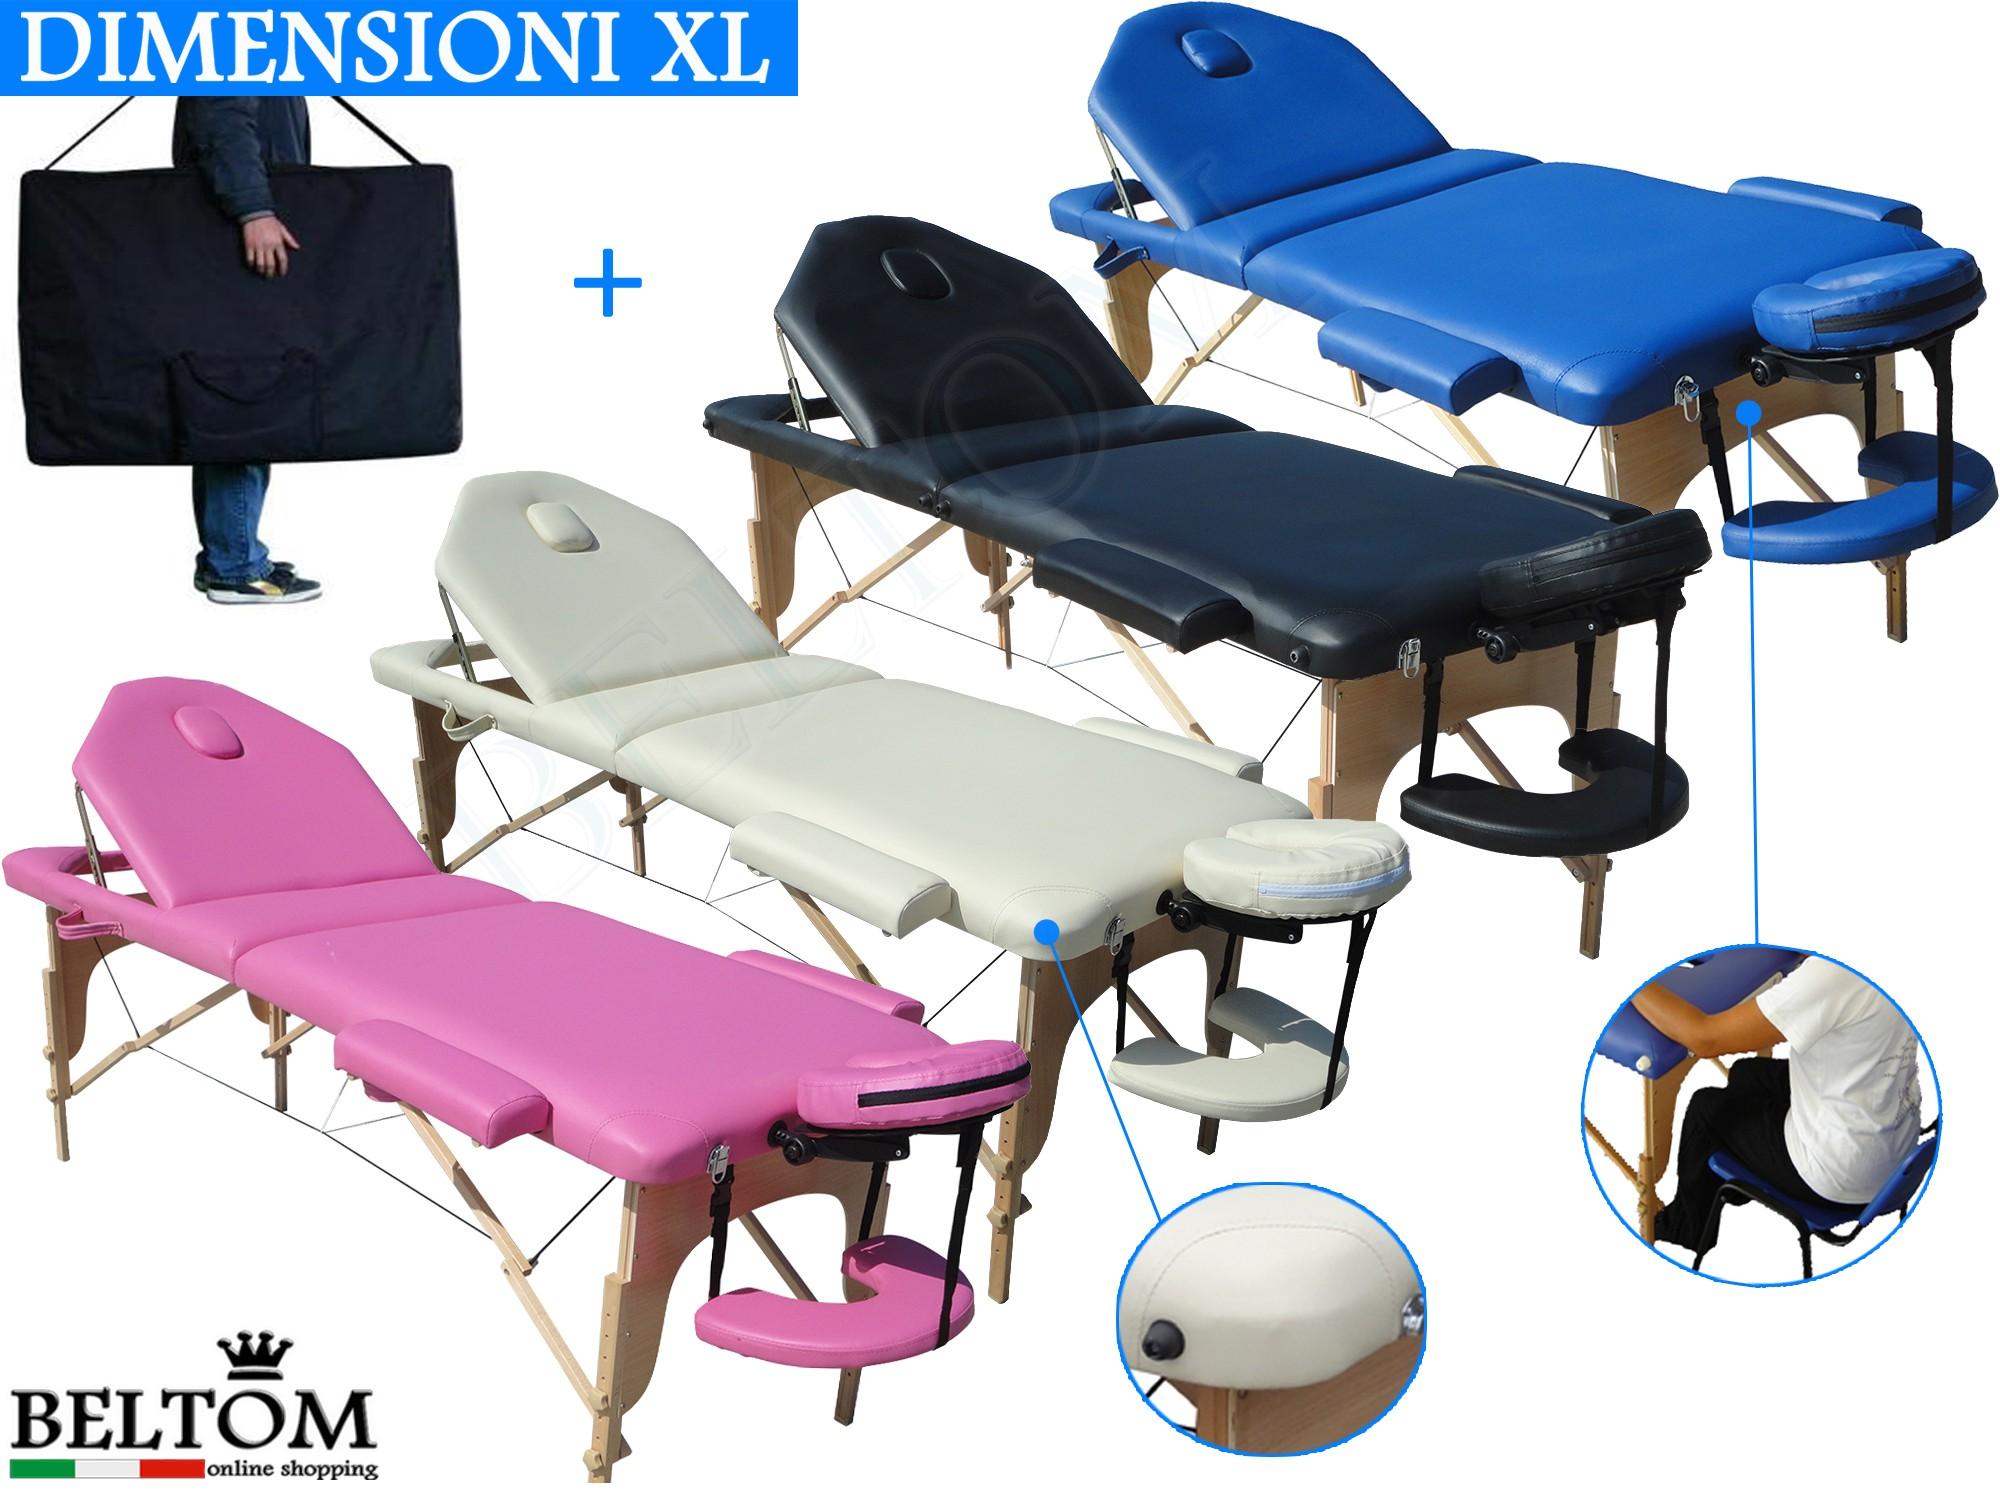 Lettino Massaggio Beltom.Lettino Da Massaggio 3 Zone Nuovo Modello